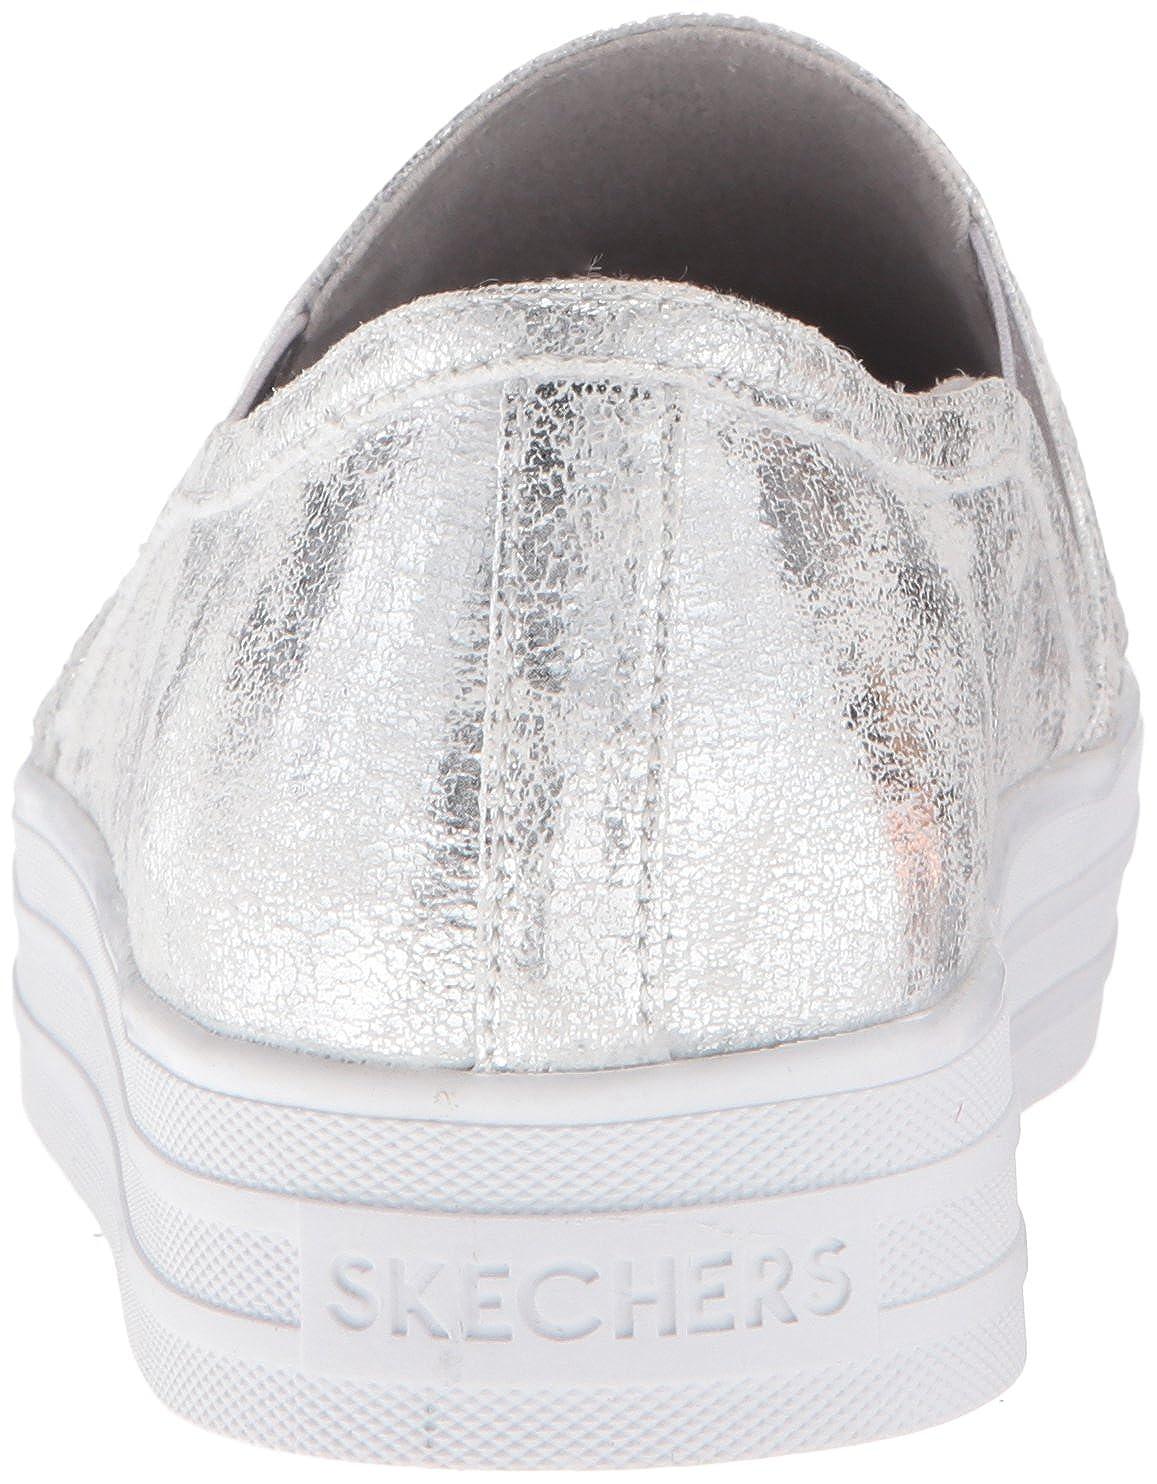 67d208d7ee0d Amazon.com   Skechers Street Women s Double Up Fashion Sneaker   Loafers    Slip-Ons